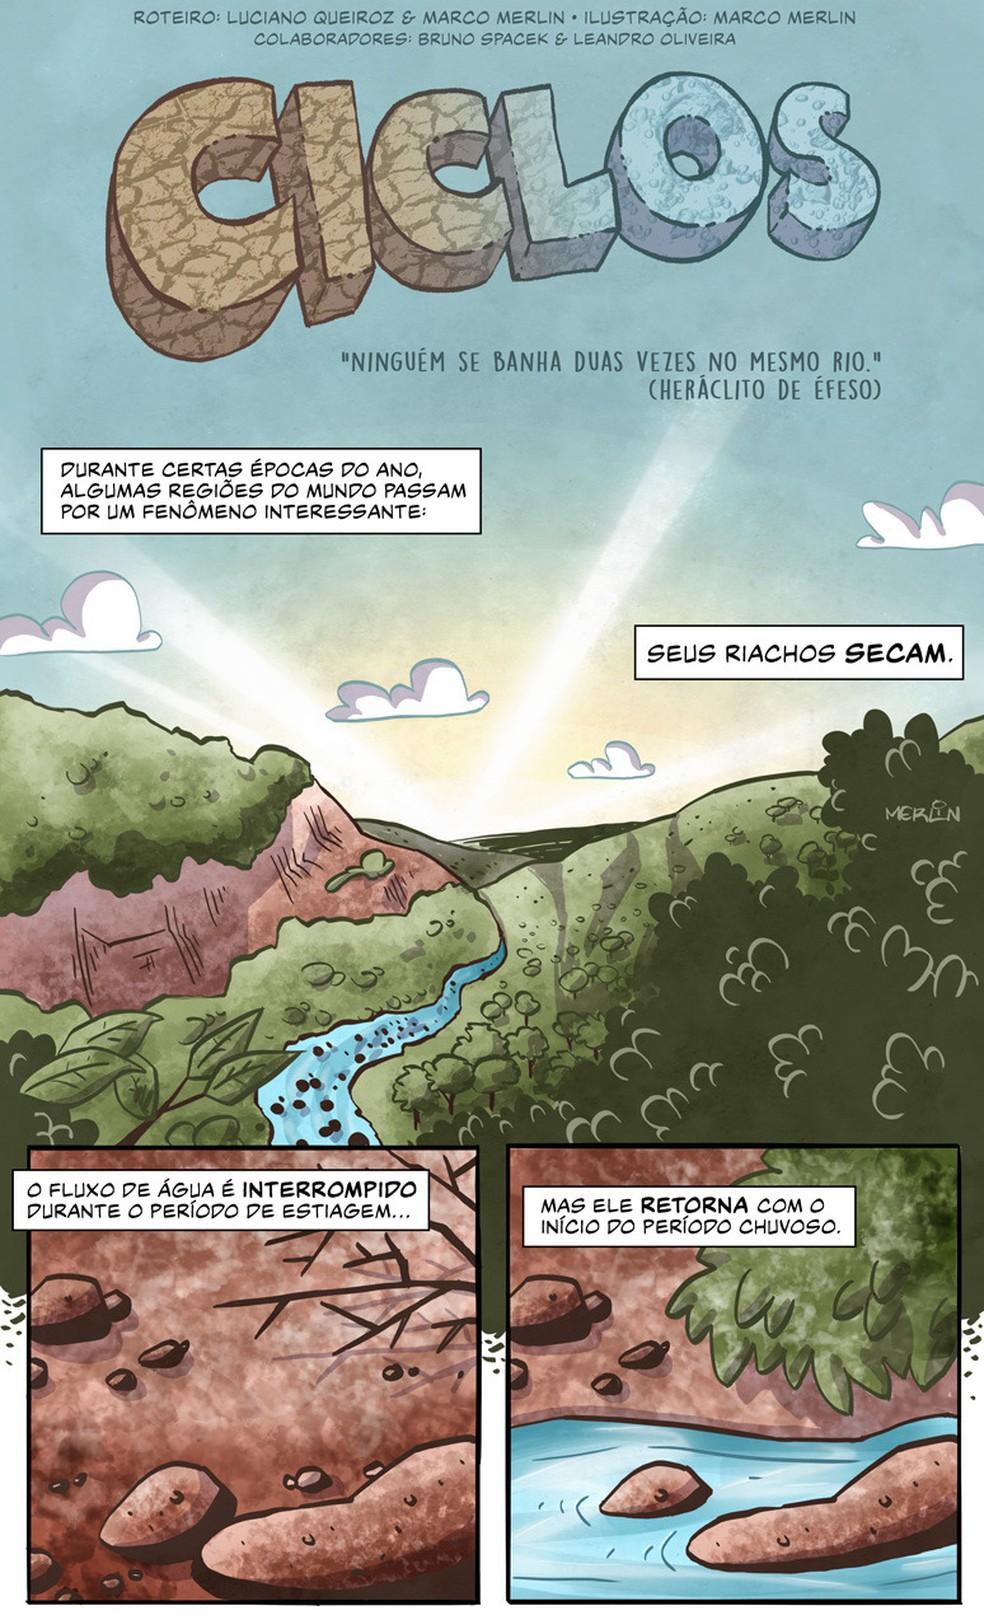 """""""Ciclos"""" - parte 1: história em quadrinhos ilustra e reconta os resultados de artigo científico sobre o ciclo de vida dos insetos — Foto: Divulgação/Luciano Queiroz e Marco Merlin"""